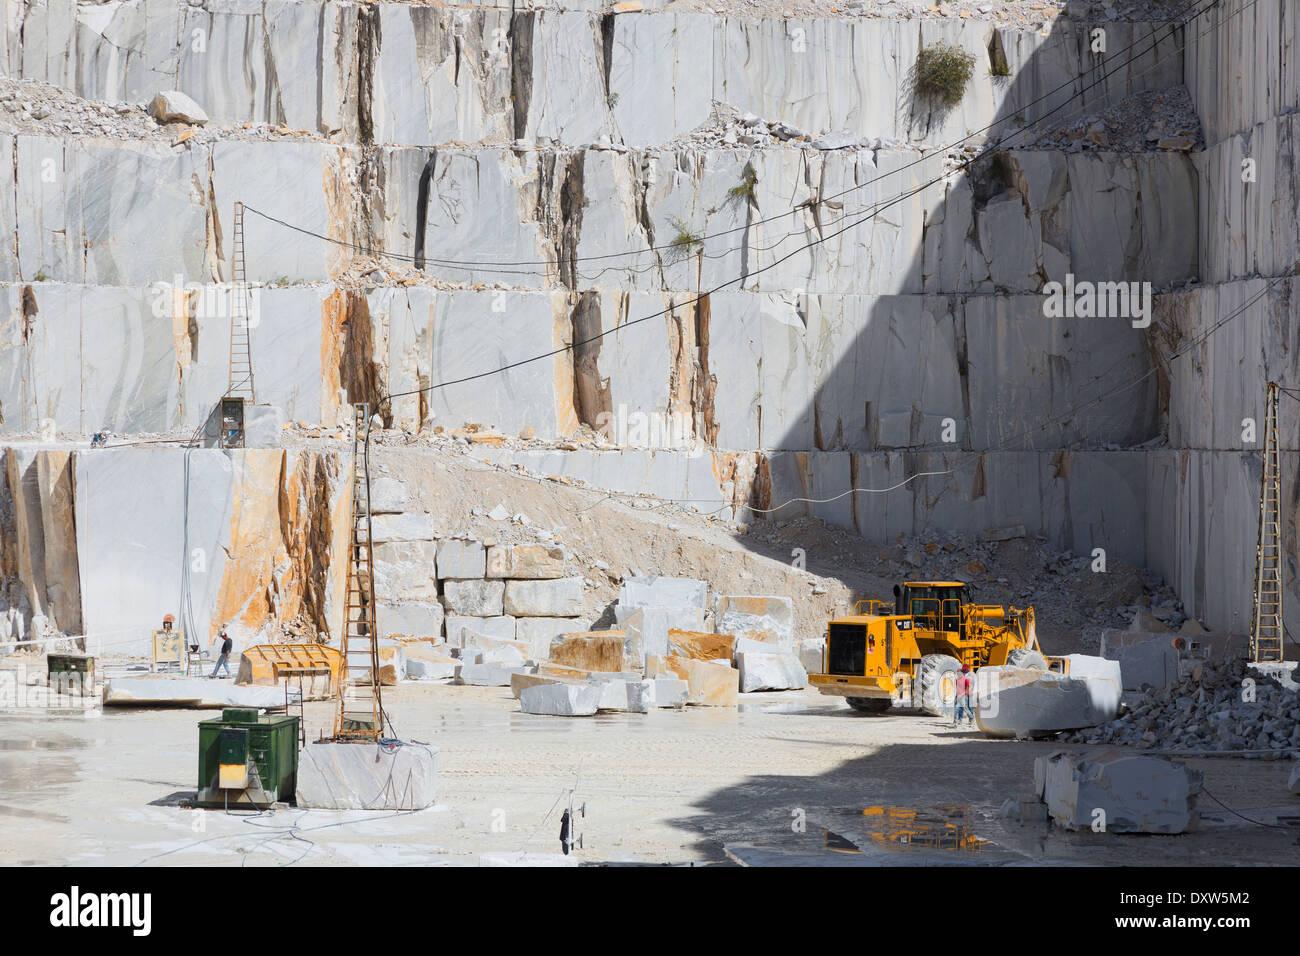 Blocs de marbre extrait dans la carrière de marbre dans les Alpes Apuanes près de Carrare, Italie Photo Stock